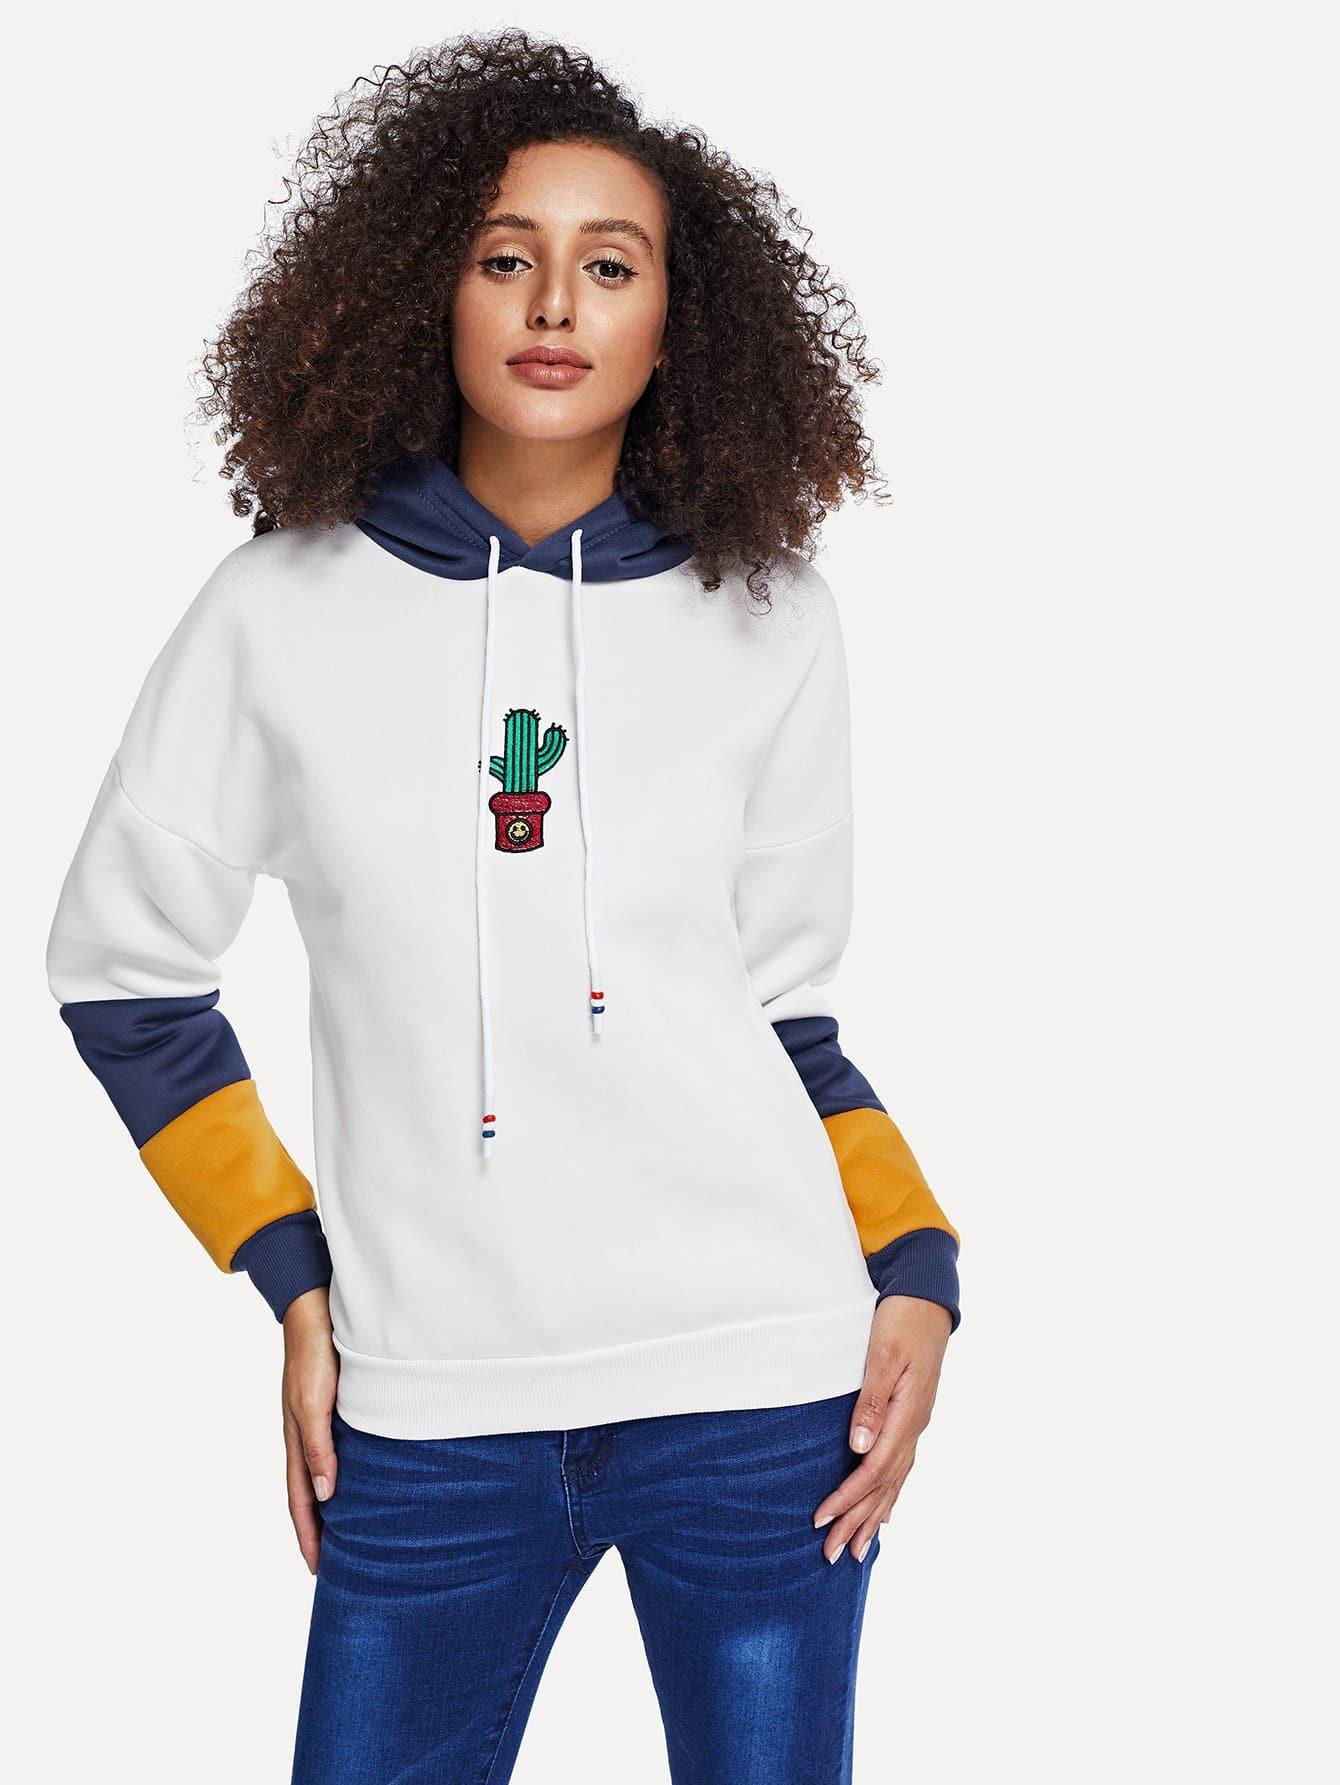 Купить Повседневный Мультяшный принт Контрастный цвет Пуловеры Серебрый Свитшоты, Elaine, SheIn